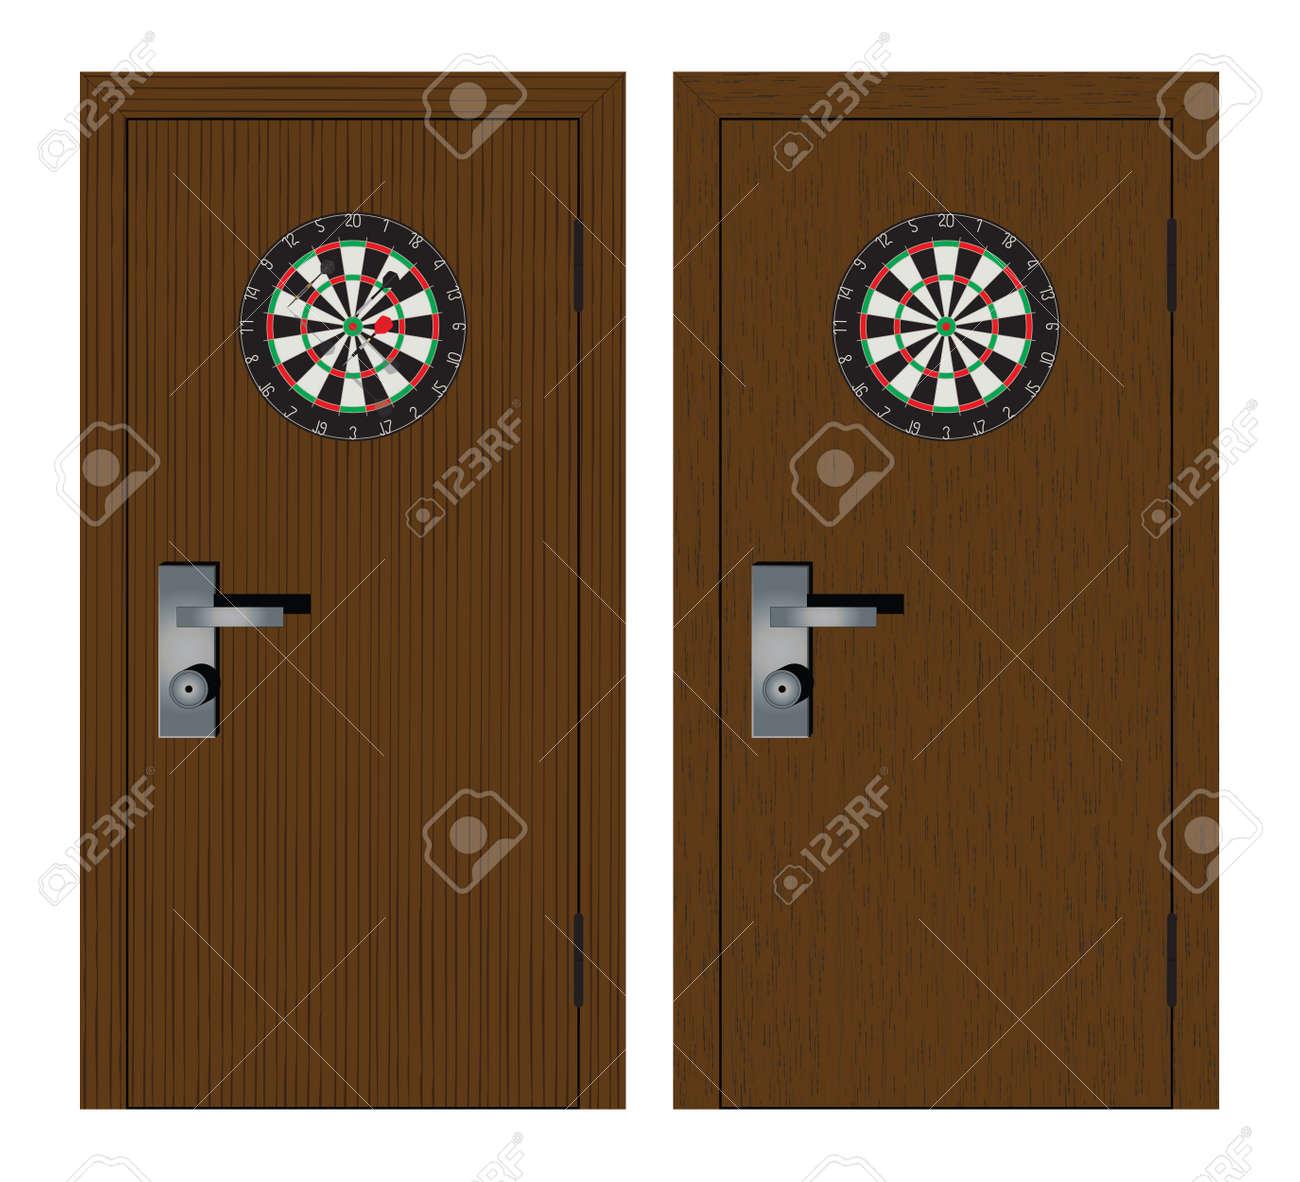 Dartboard on the door. Darts. - 124643226